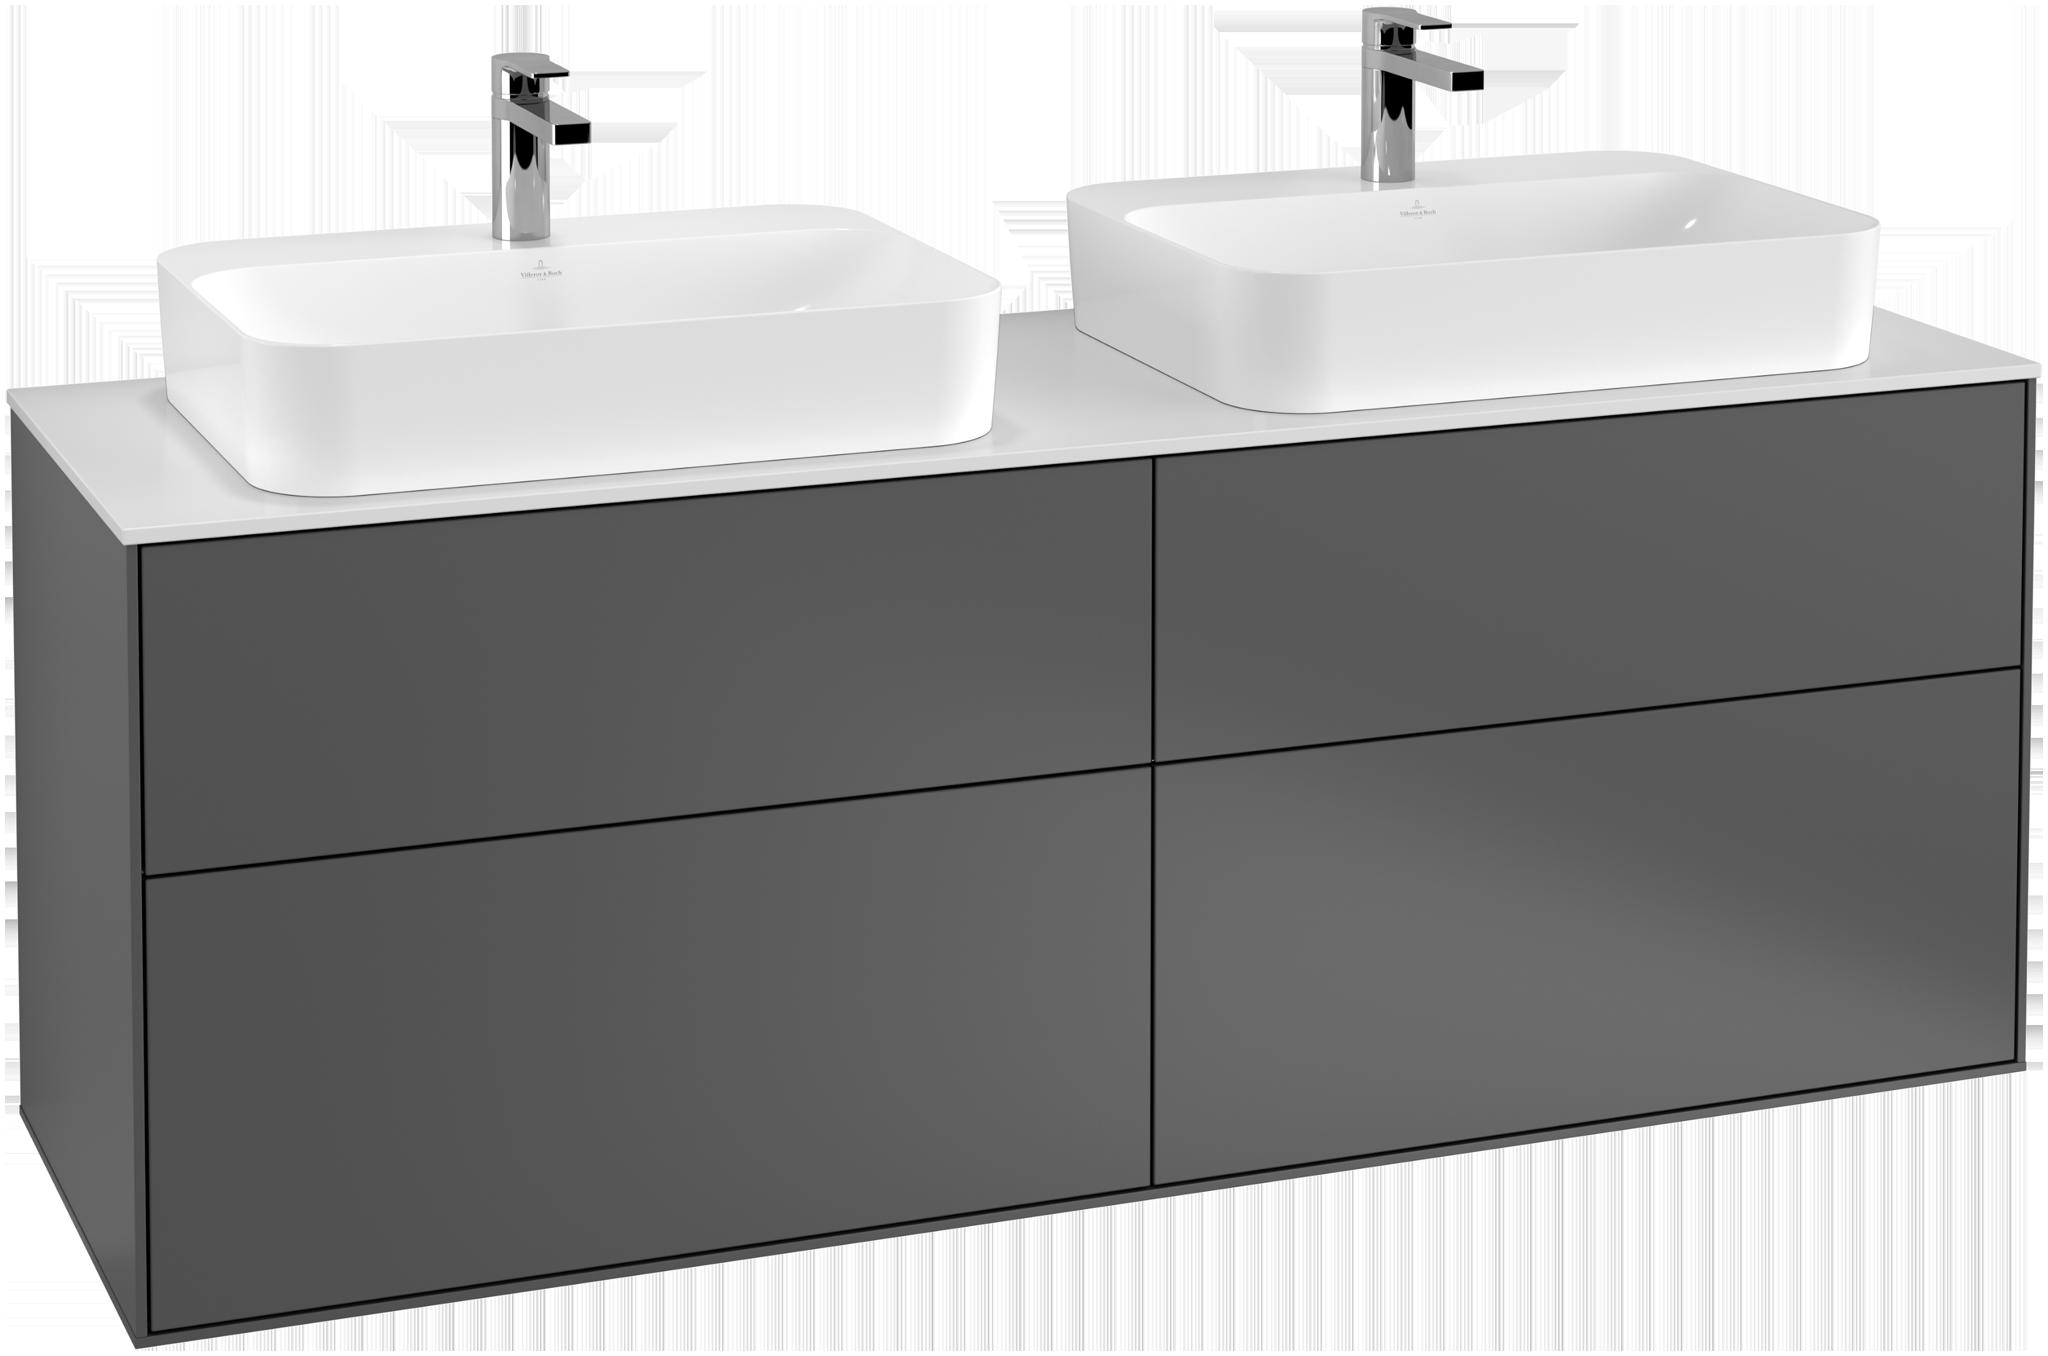 finion waschtischunterschrank f43 villeroy boch. Black Bedroom Furniture Sets. Home Design Ideas